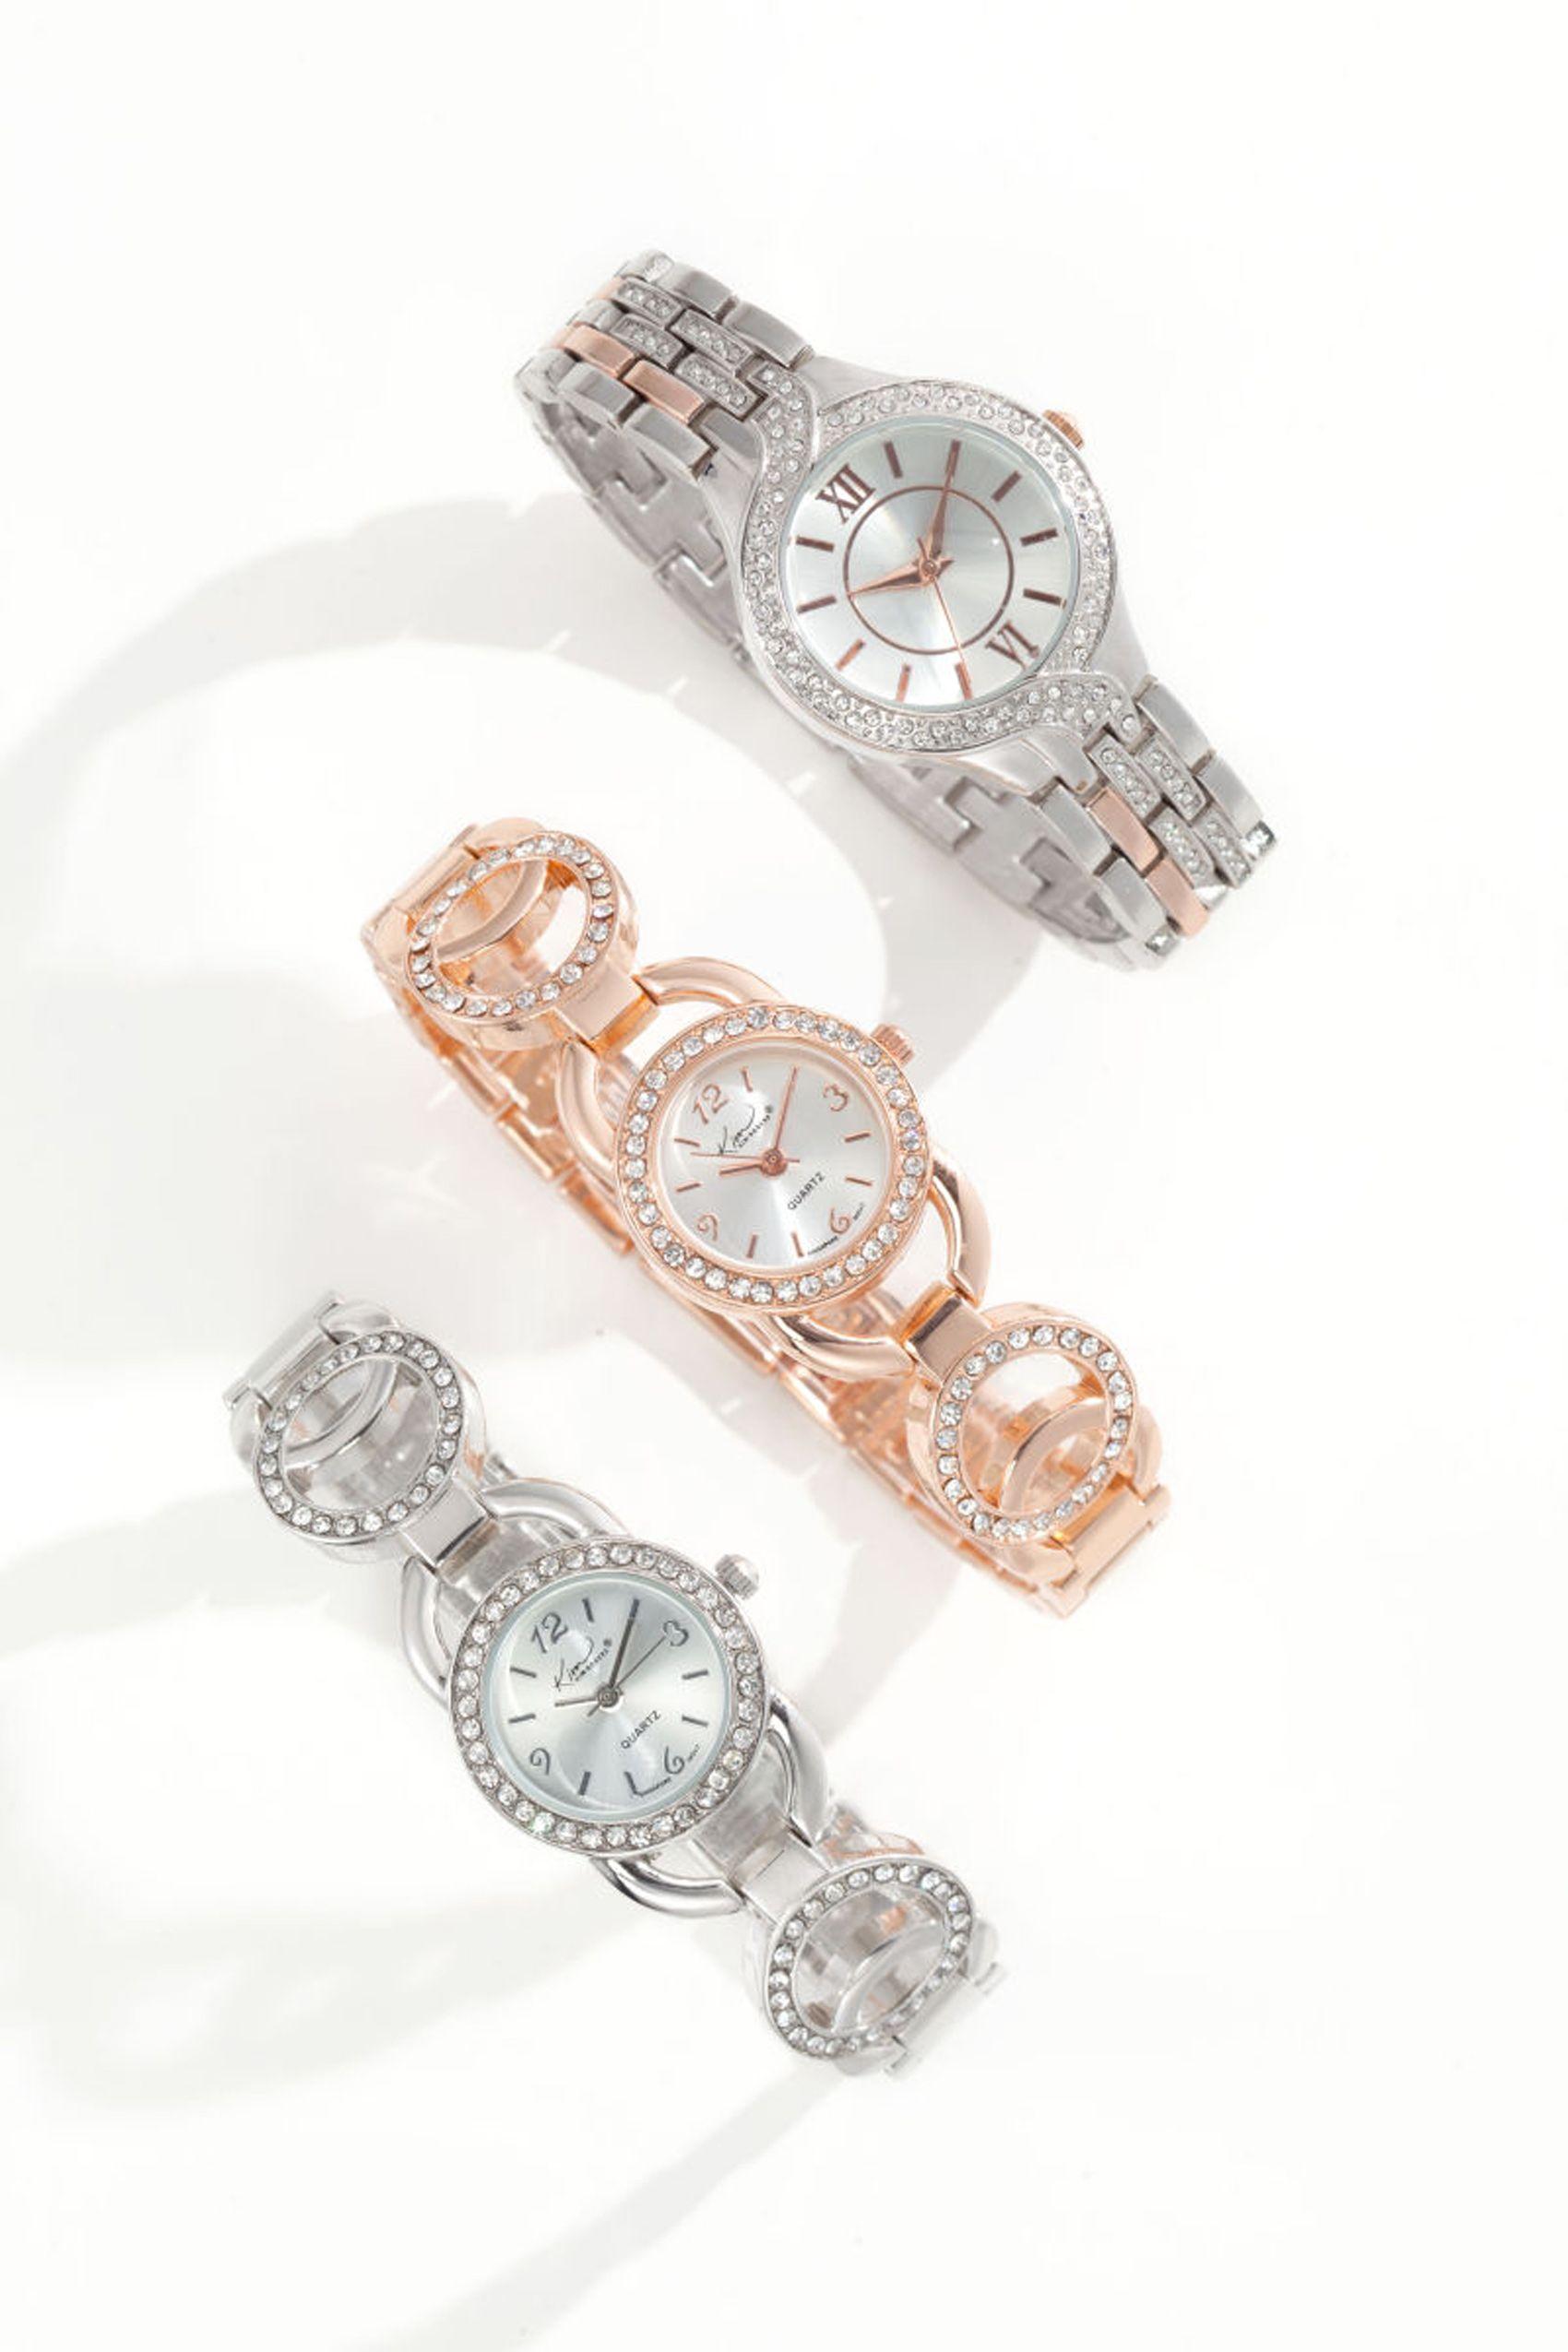 watches-diamonds.jpg